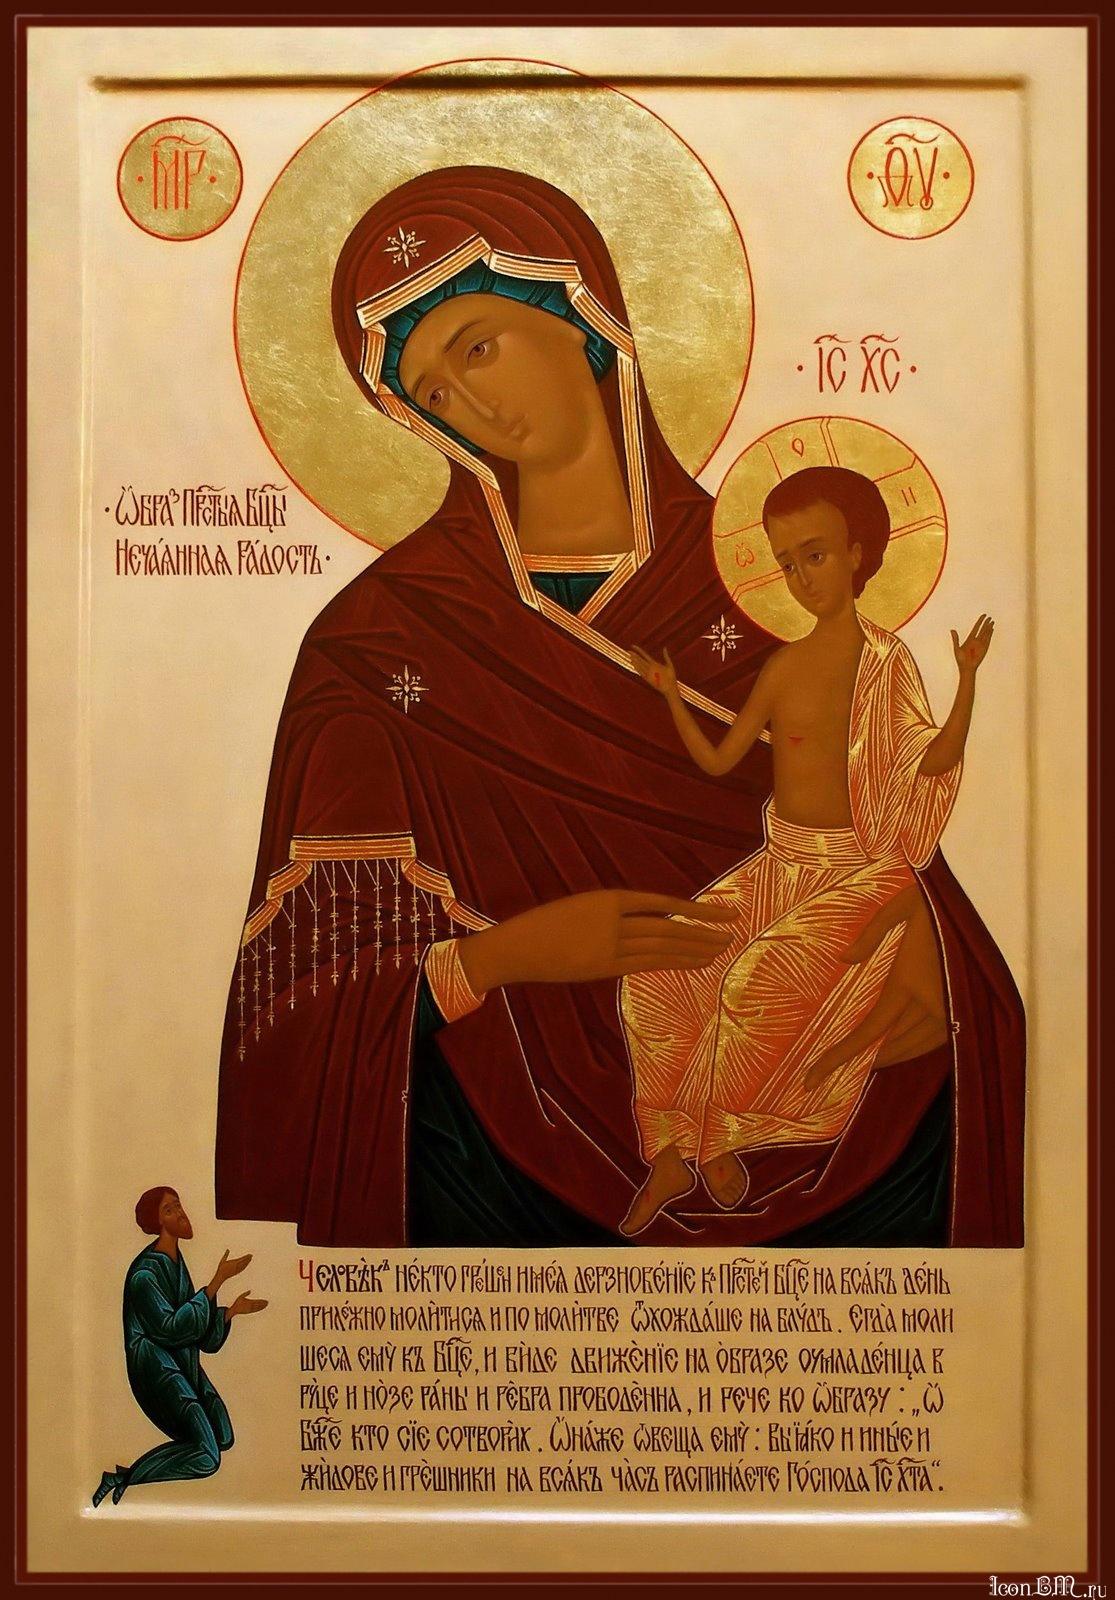 икона божией матери нечаянная радость ...: vgostyahukudesnitsi.blogspot.com/2010/12/blog-post_7221.html